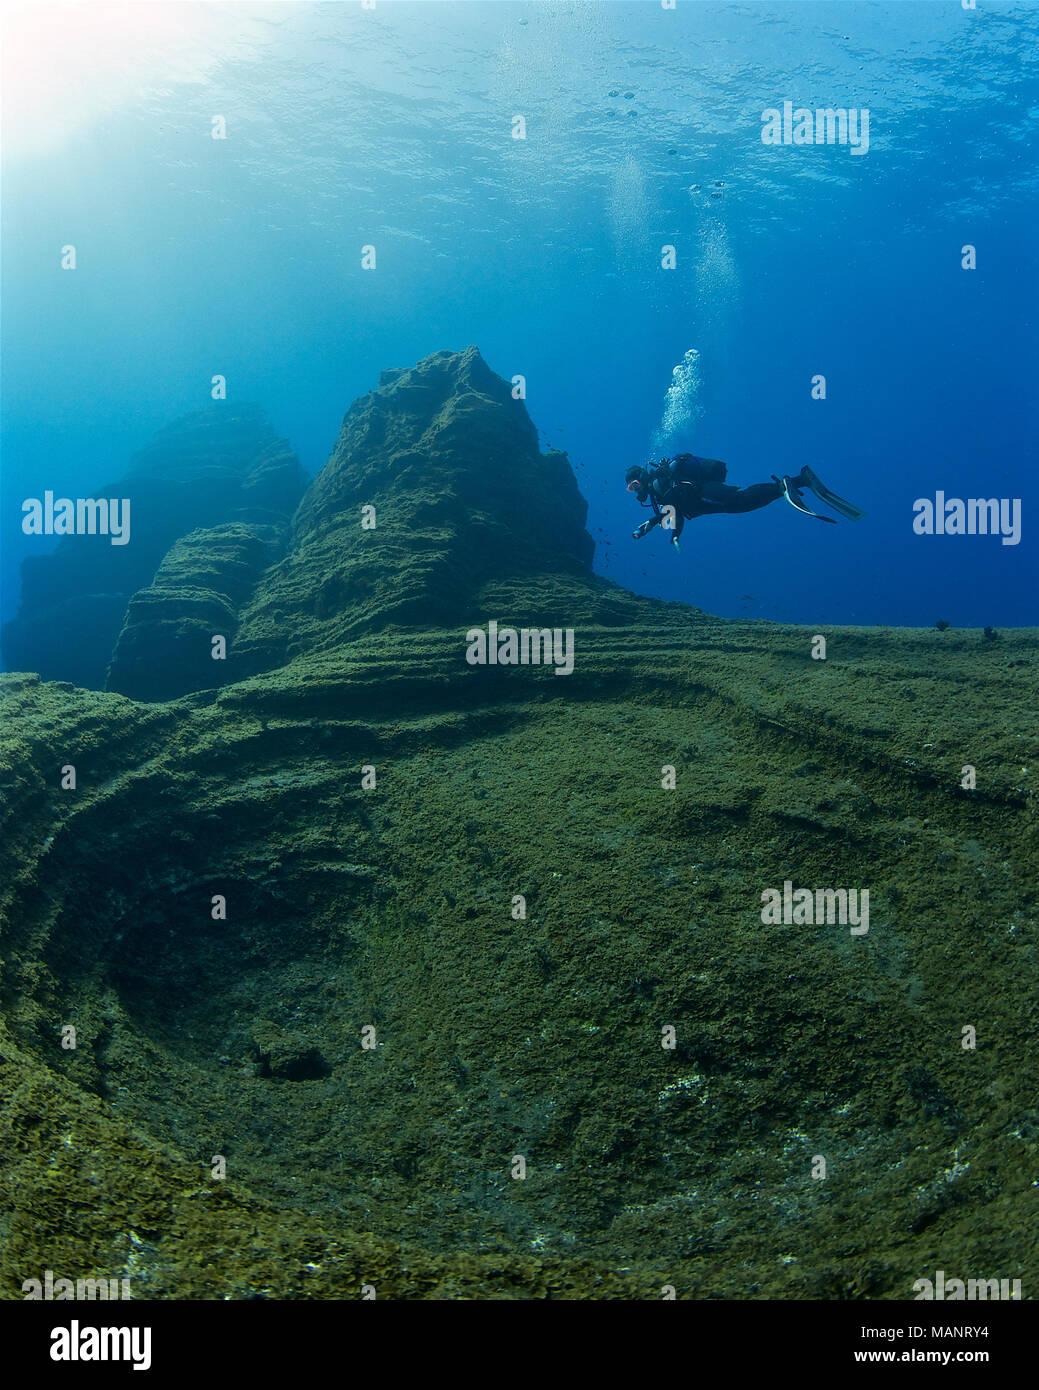 scuba-diver-at-el-bajn-dive-site-a-famou